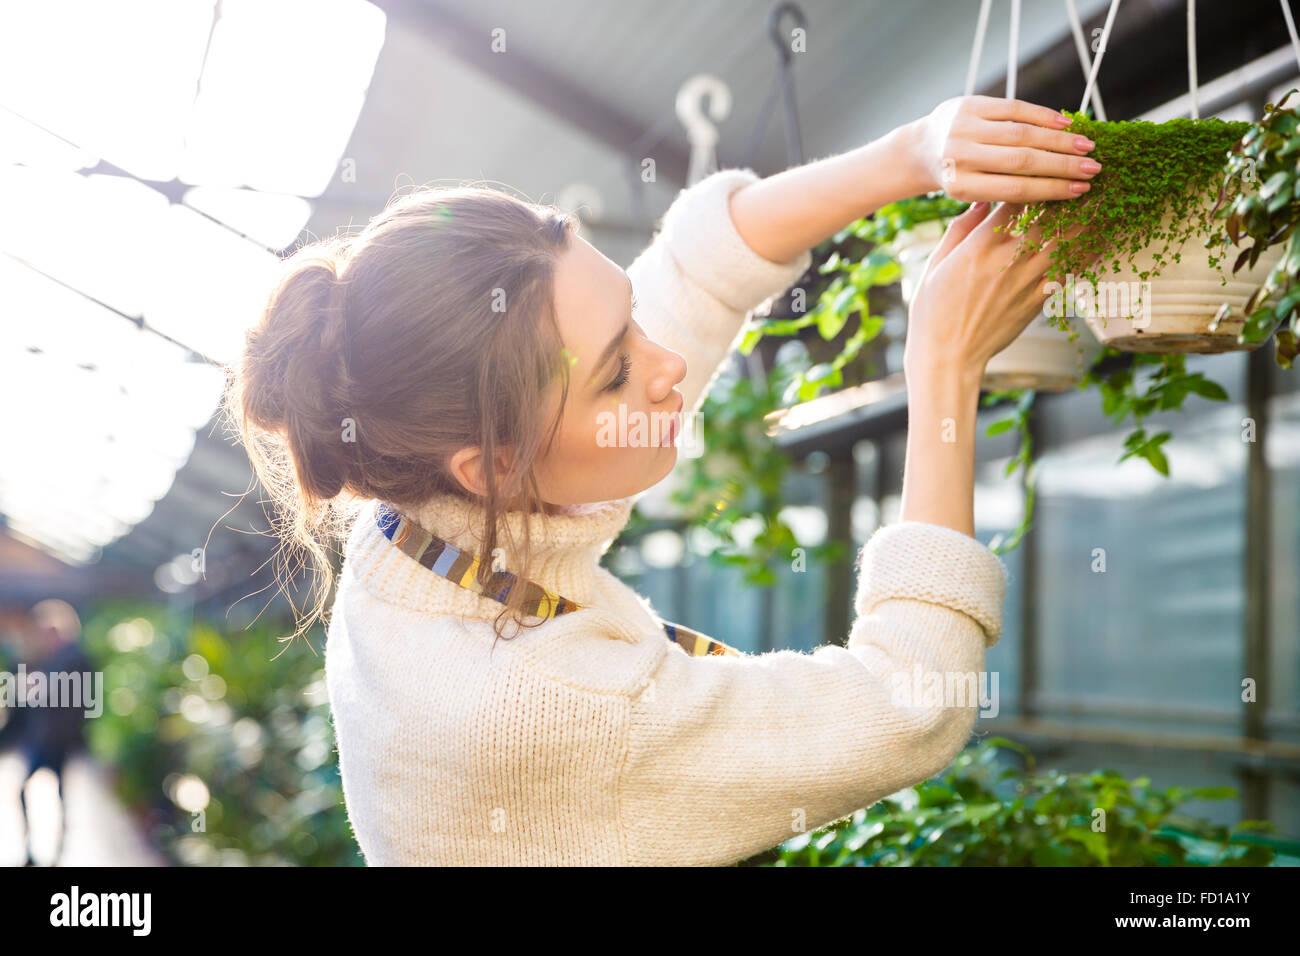 Assez tendre jardinier femme travaillant avec des plantes et fleurs en centre-jardin Photo Stock